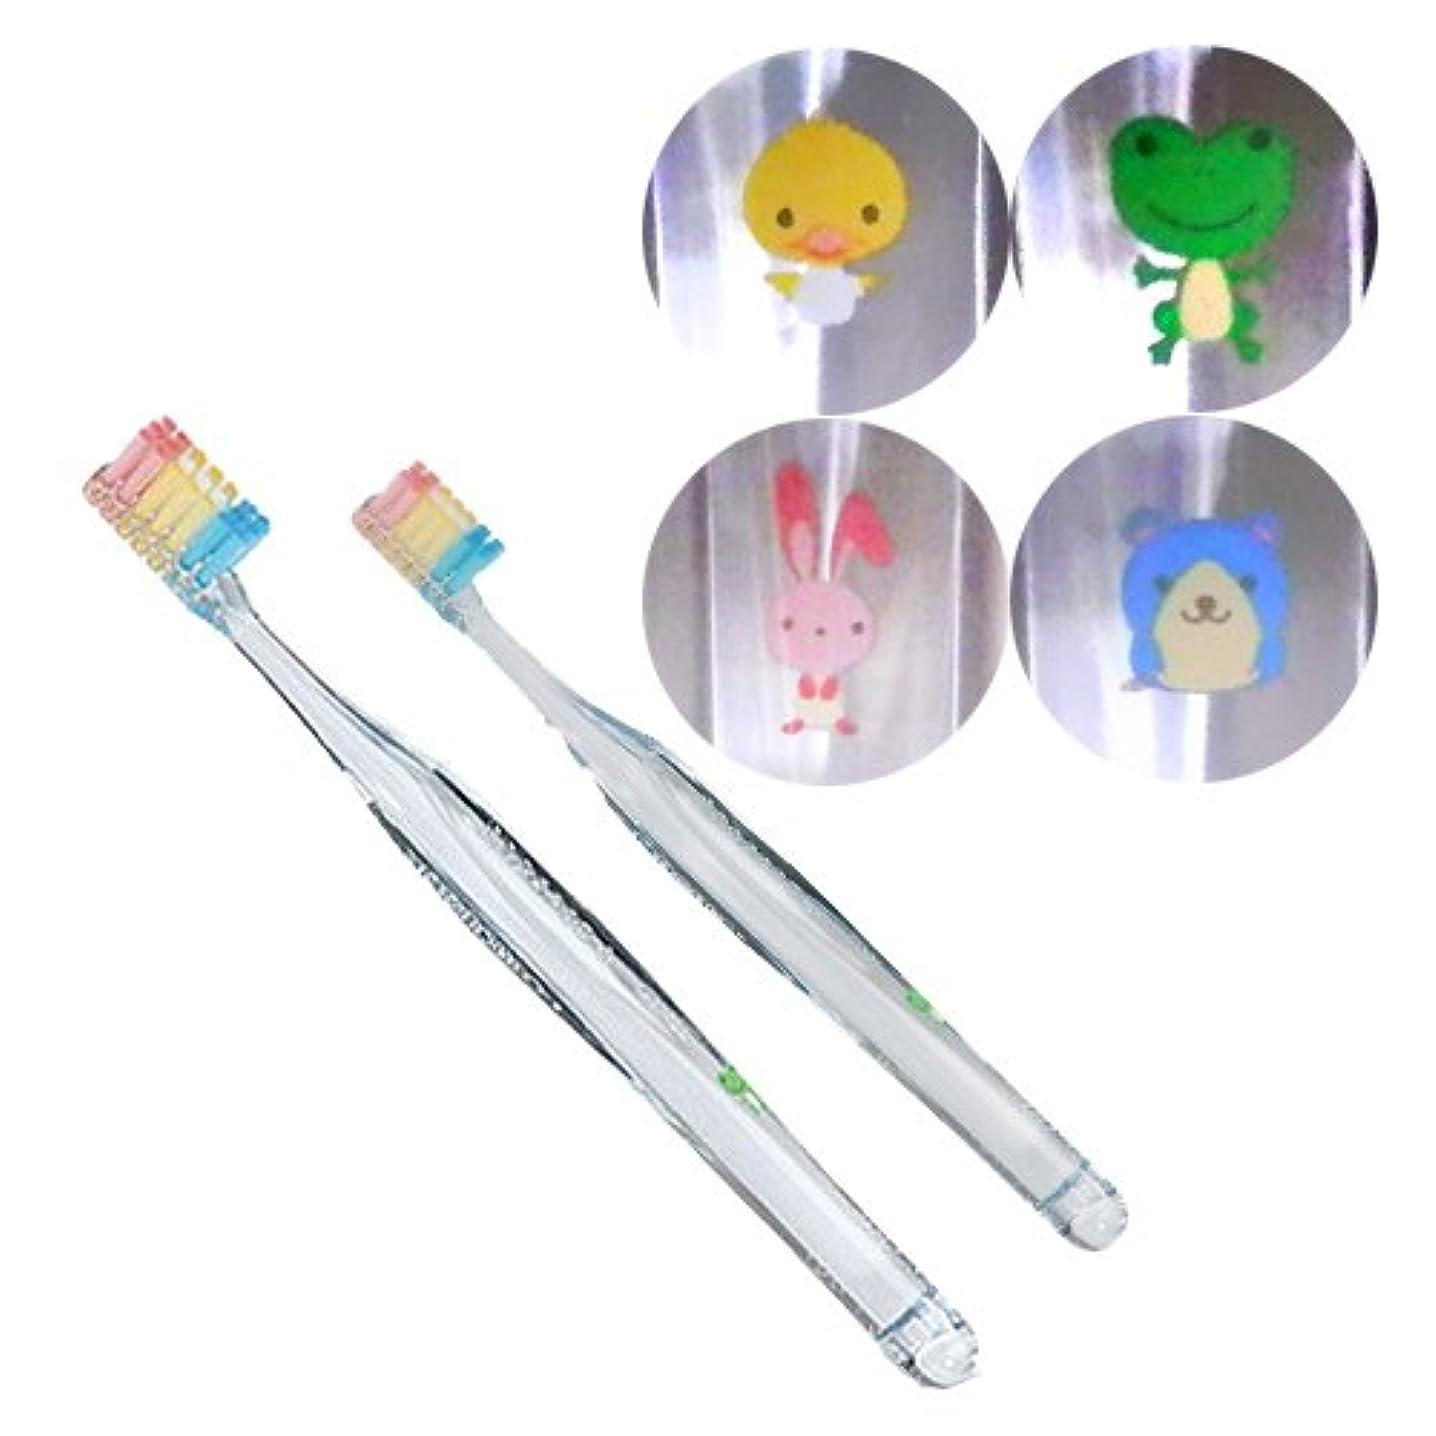 ドラゴン電球奨励しますプロスペックプラスフォーレッスン歯ブラシ1本タイニー/スモール (スモール)